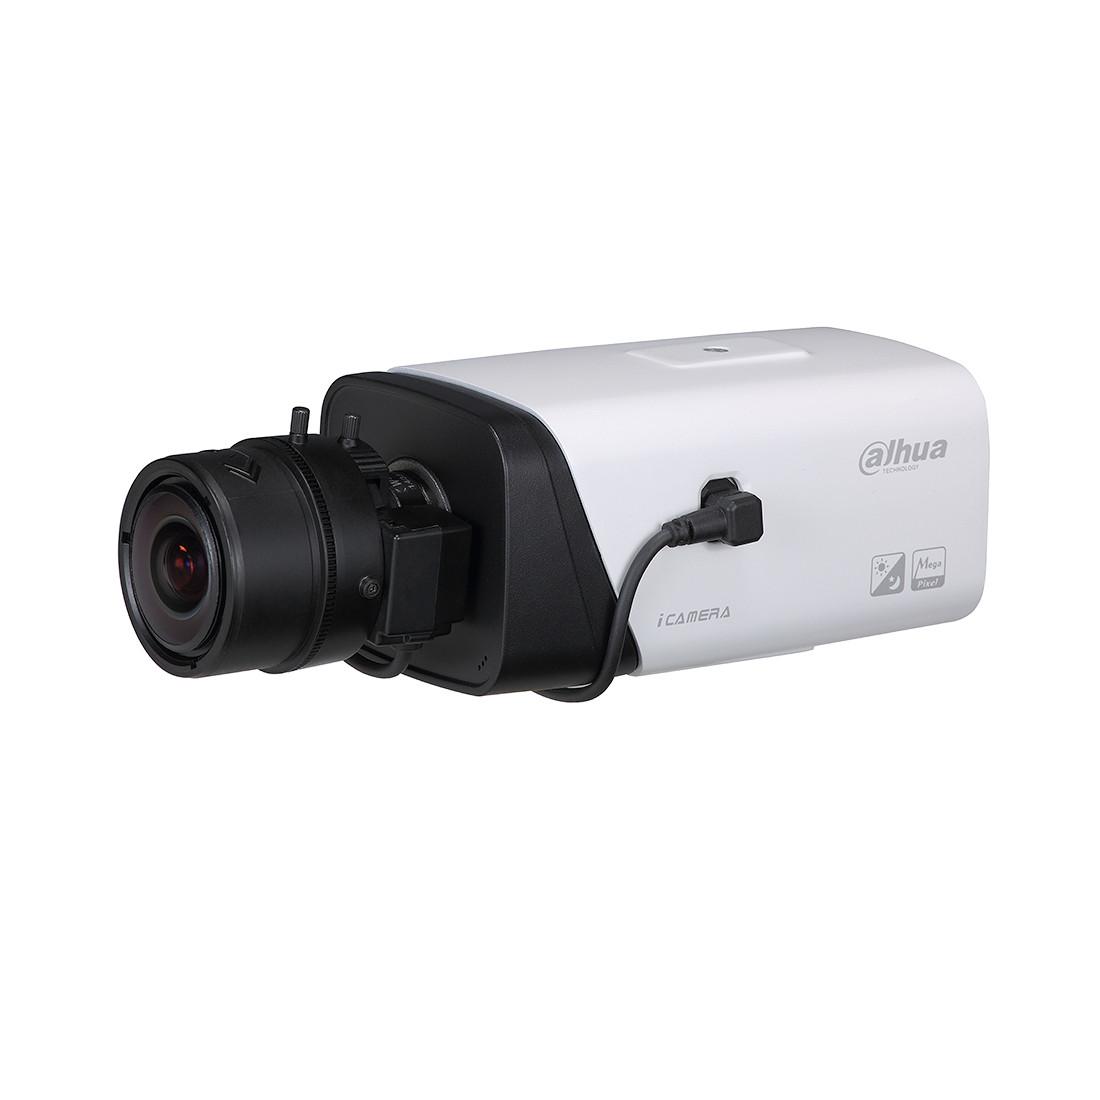 Распродажа Классическая видеокамера Dahua DH-IPC-HF5231EP-E